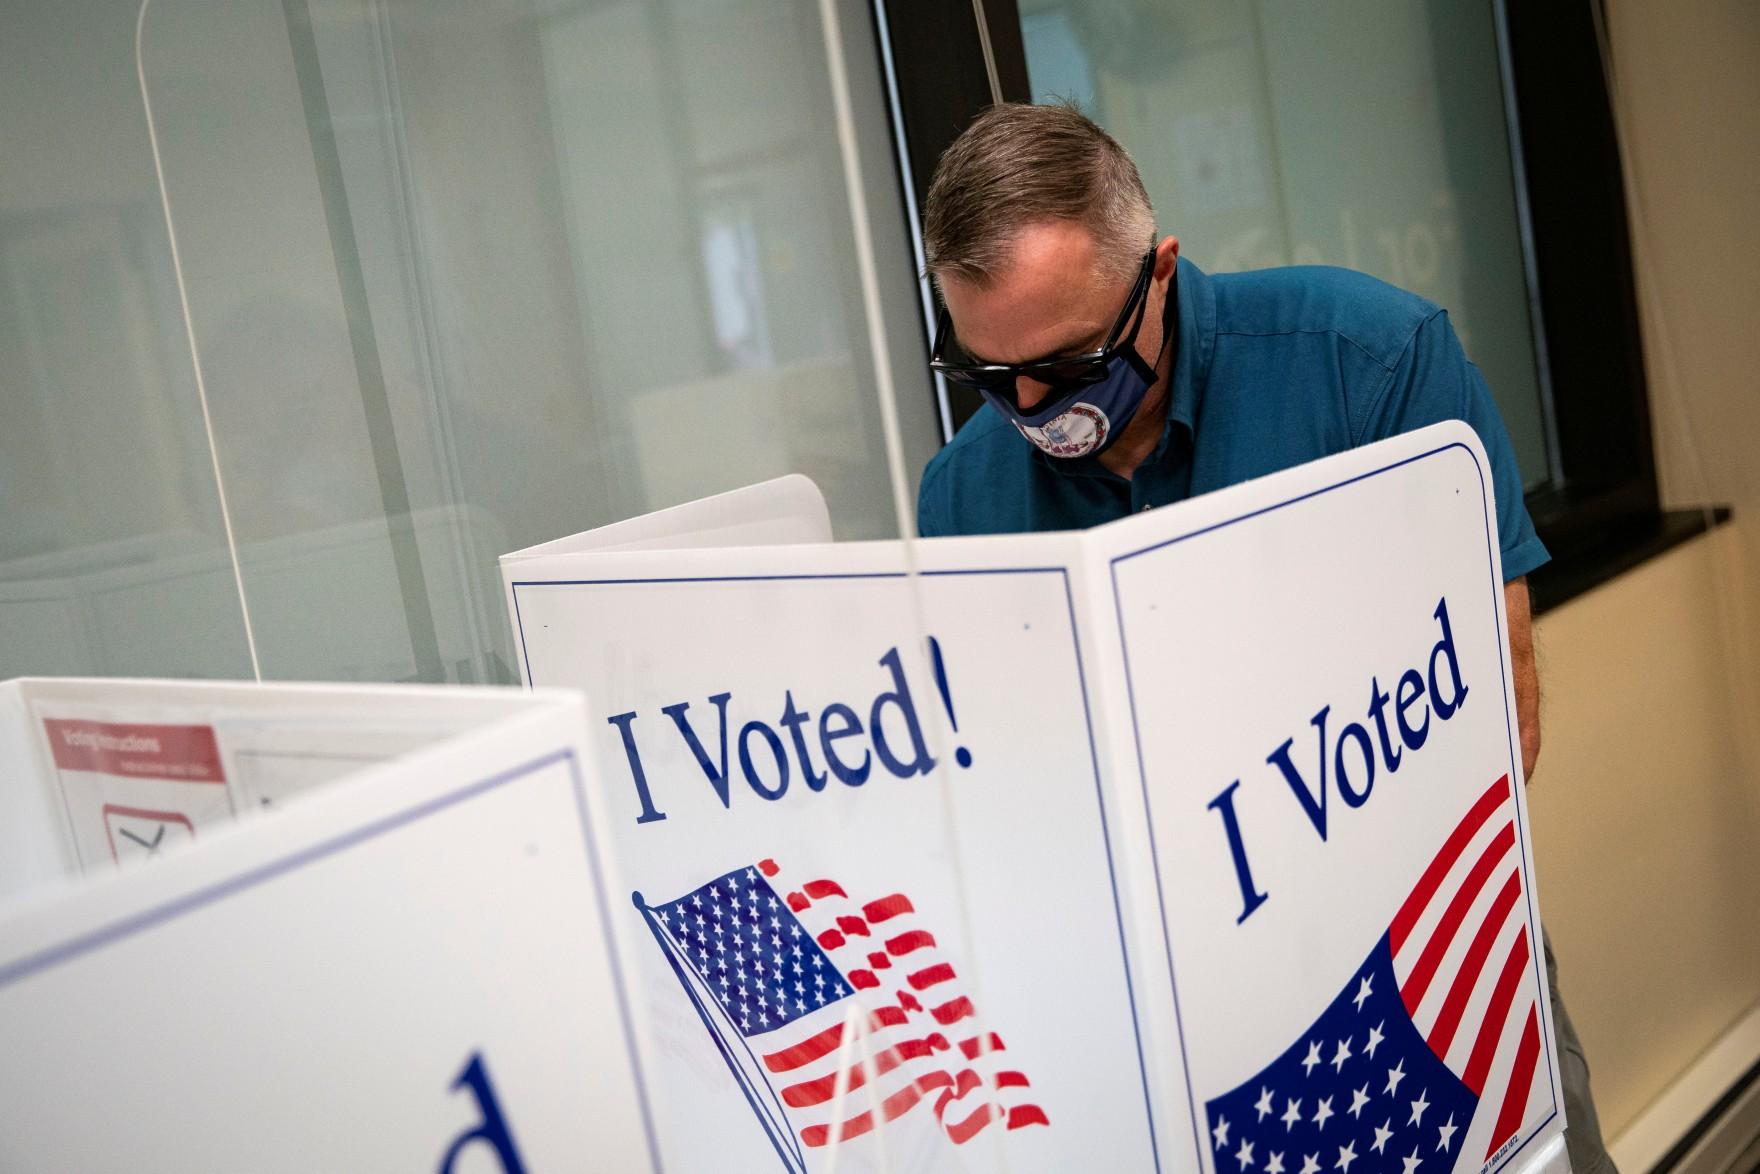 Trong cuộc bầu cử đầy chia rẽ, cử tri Texas bỏ phiếu cho những người phản đối chương trình giáo dục chống kỳ thị